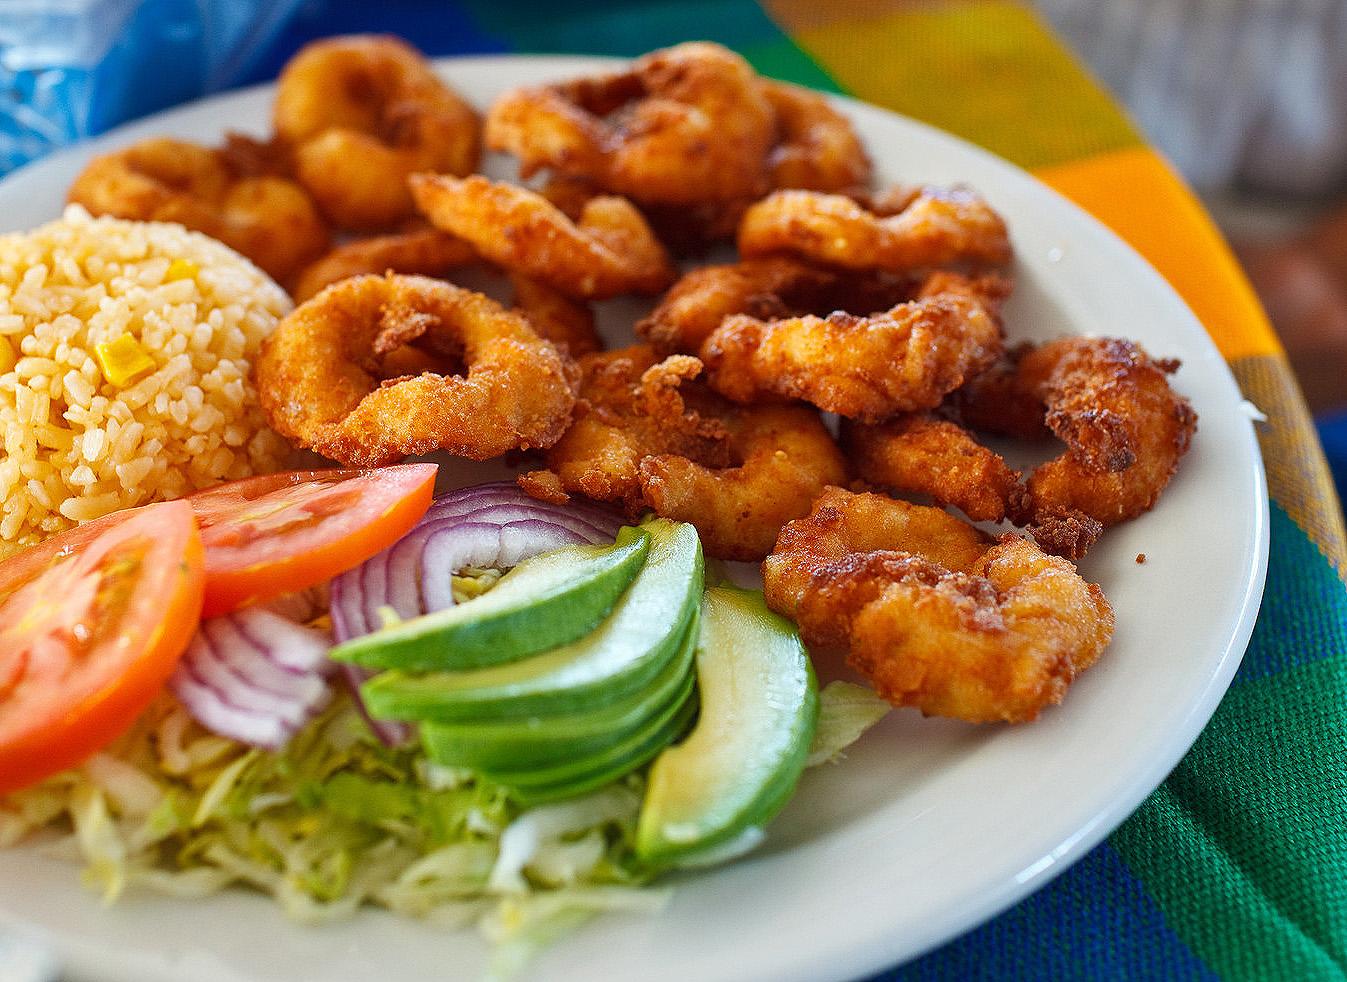 Mariscos el Sinaloense, San Jose del Cabo - Camarones empanizados